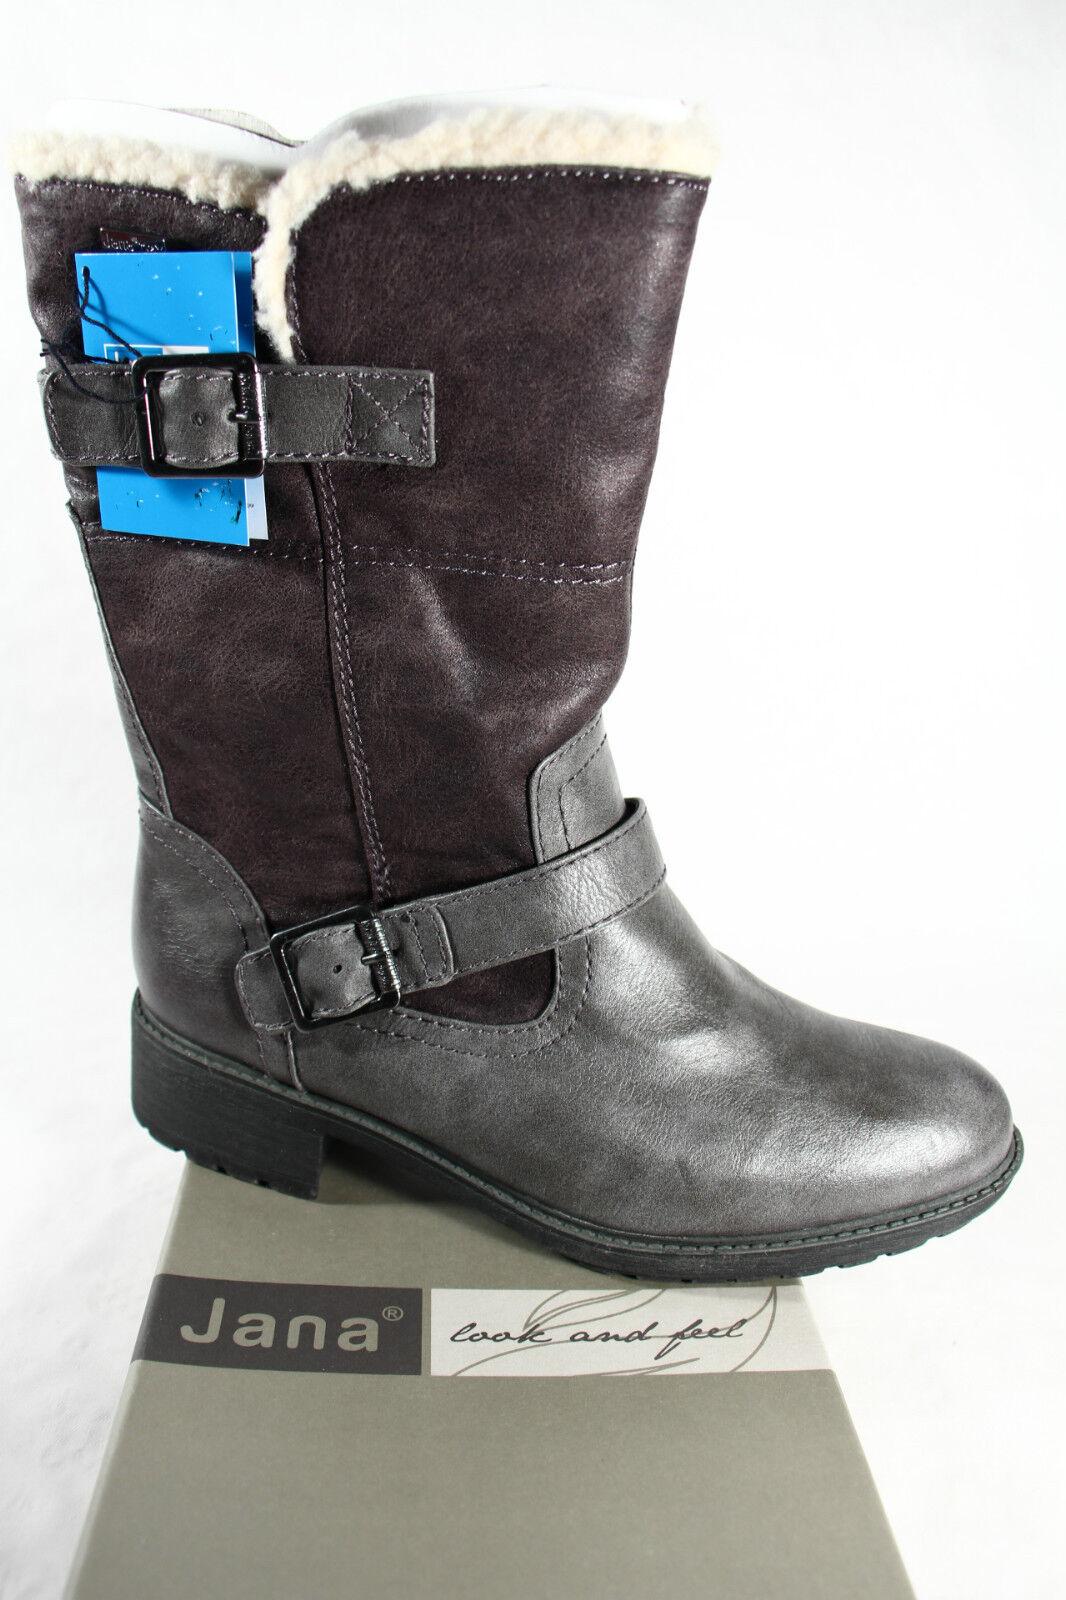 Jana Tex botas , de Invierno, gris, Forro Interior; Suela Perfil Rv26441 Nuevo